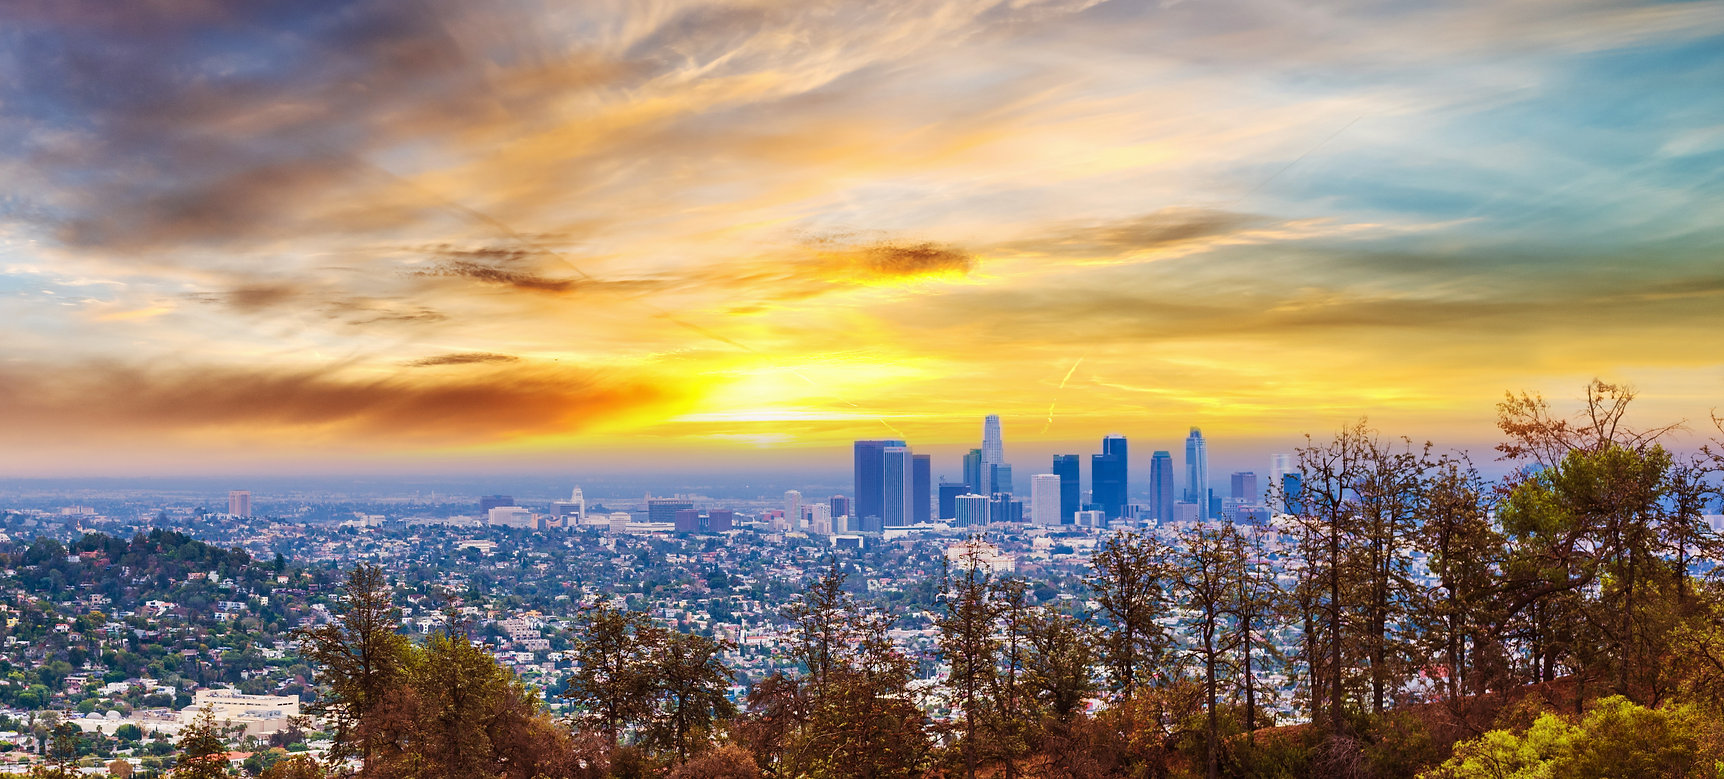 Los Angeles gekauft.jpg